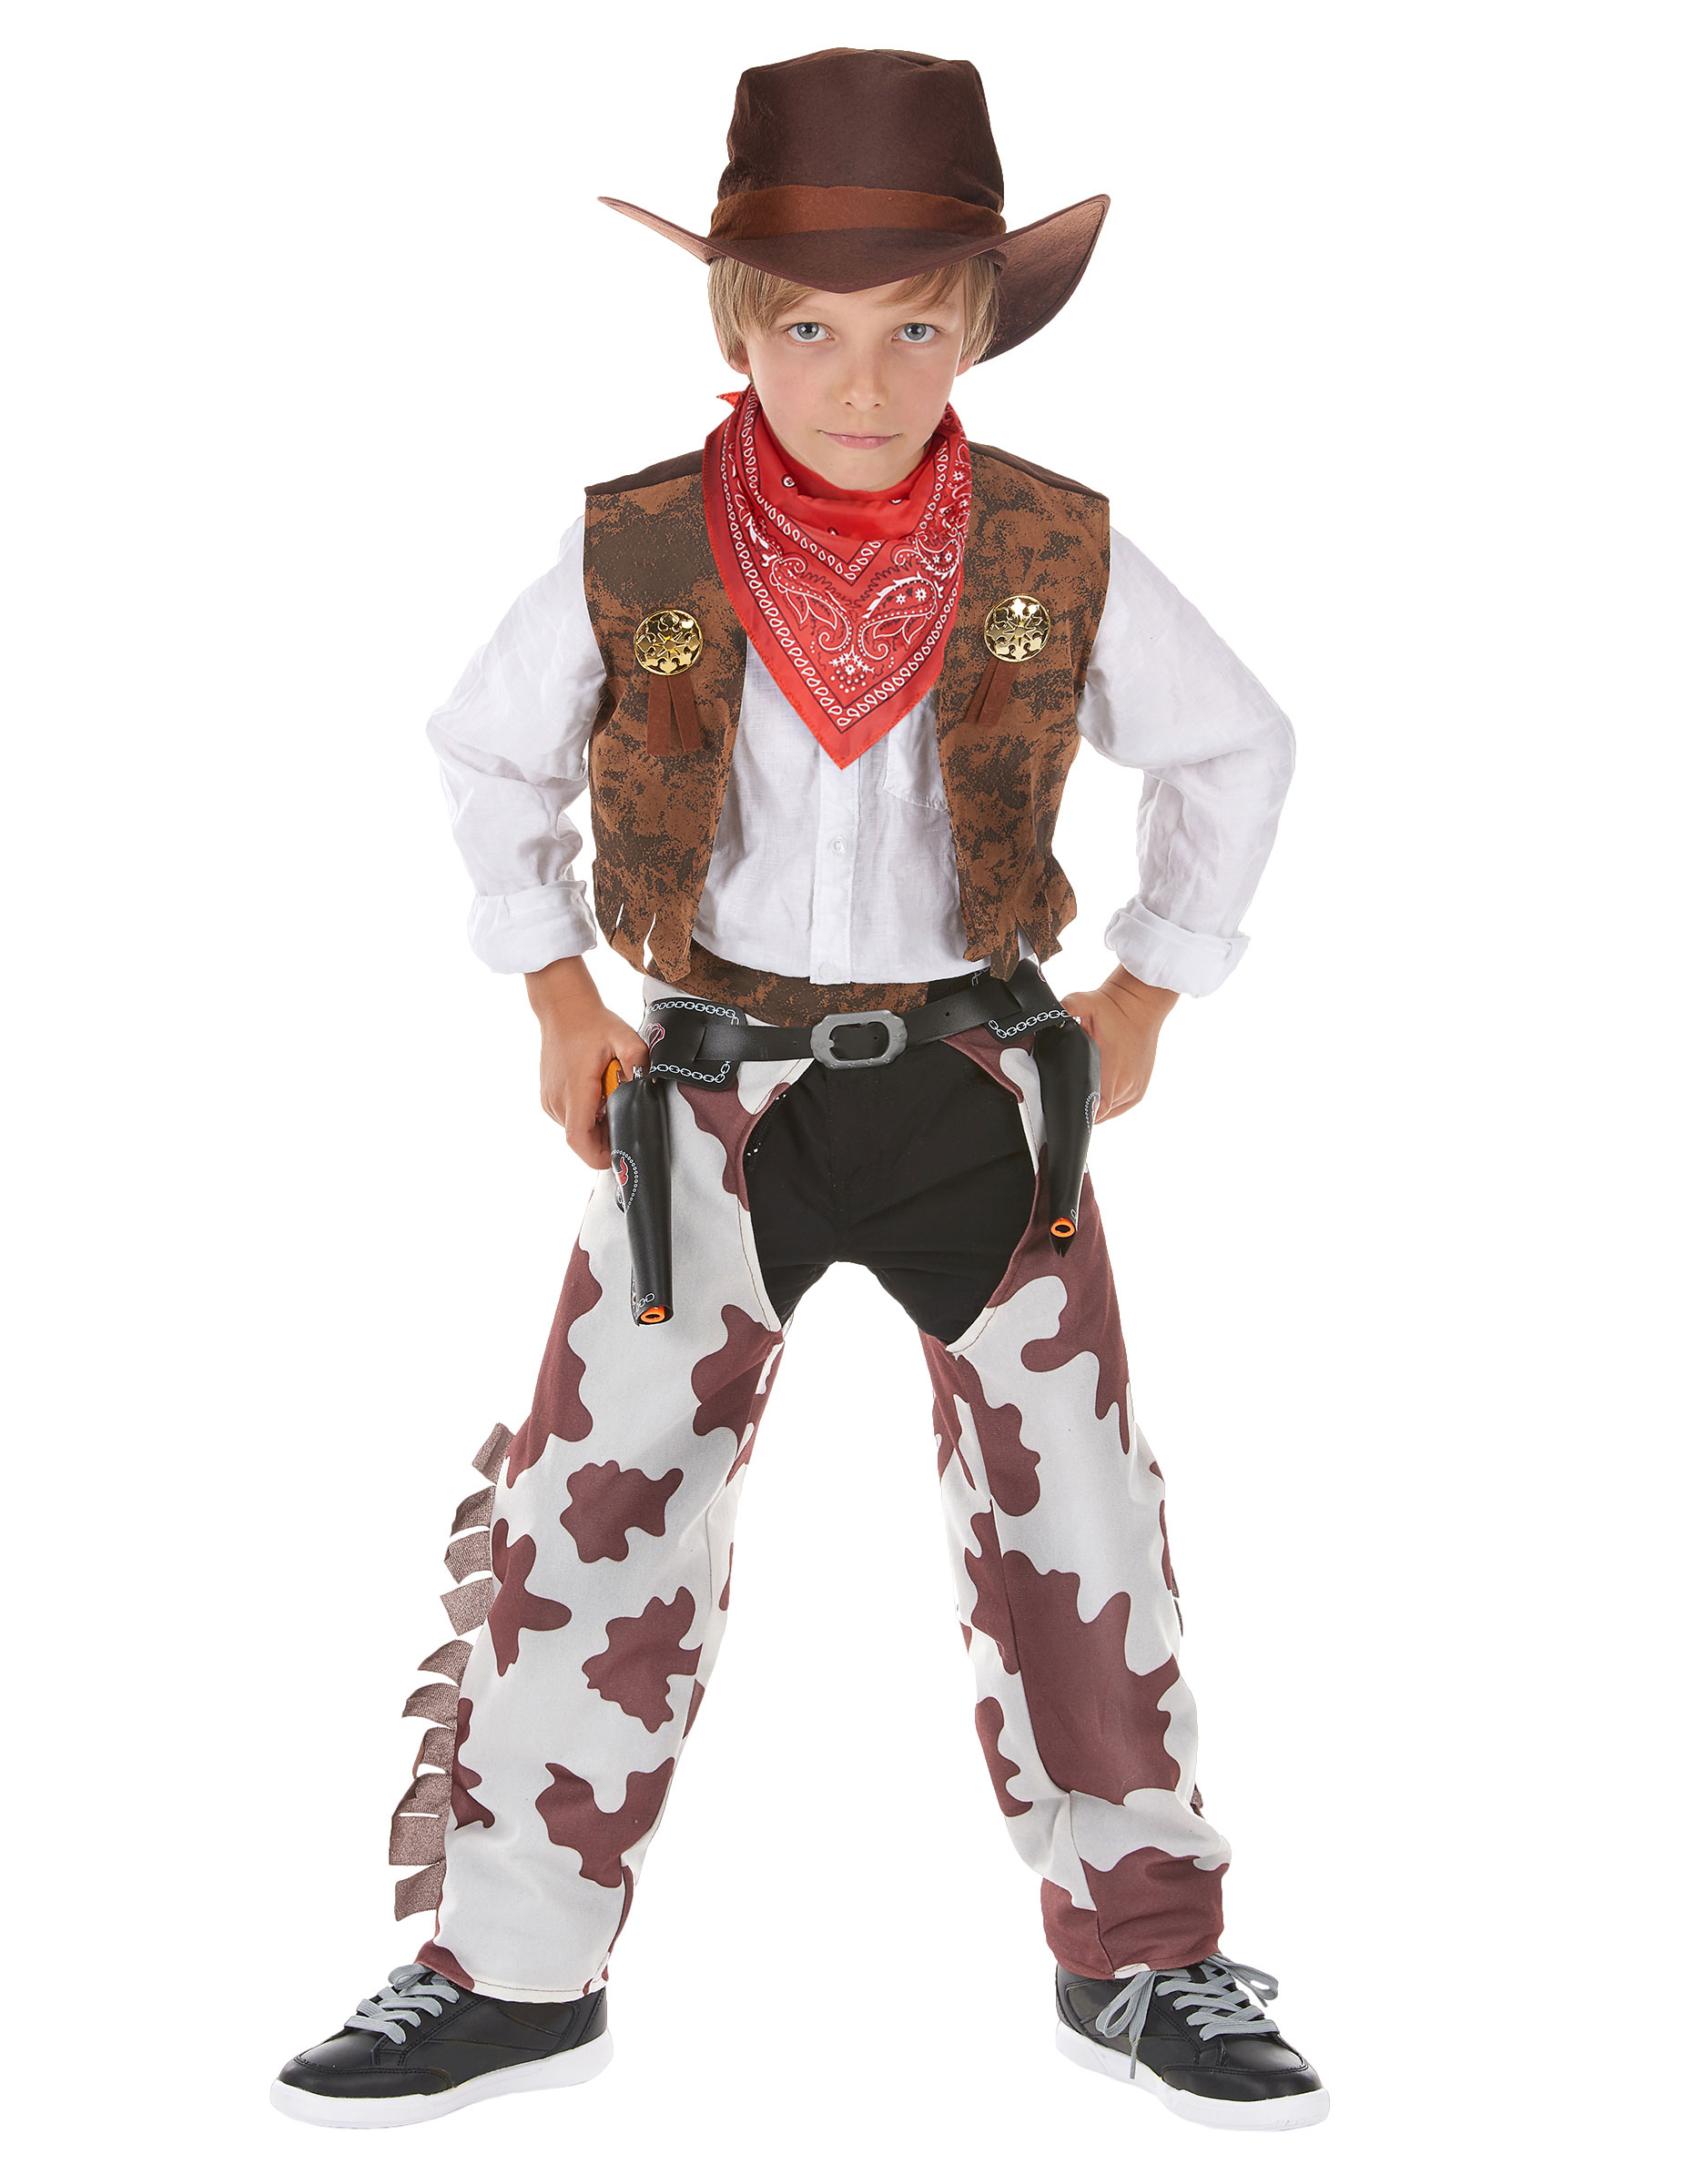 Kleiner Cowboy Kinderkostum Wilder Westen Braun Weiss Gunstige